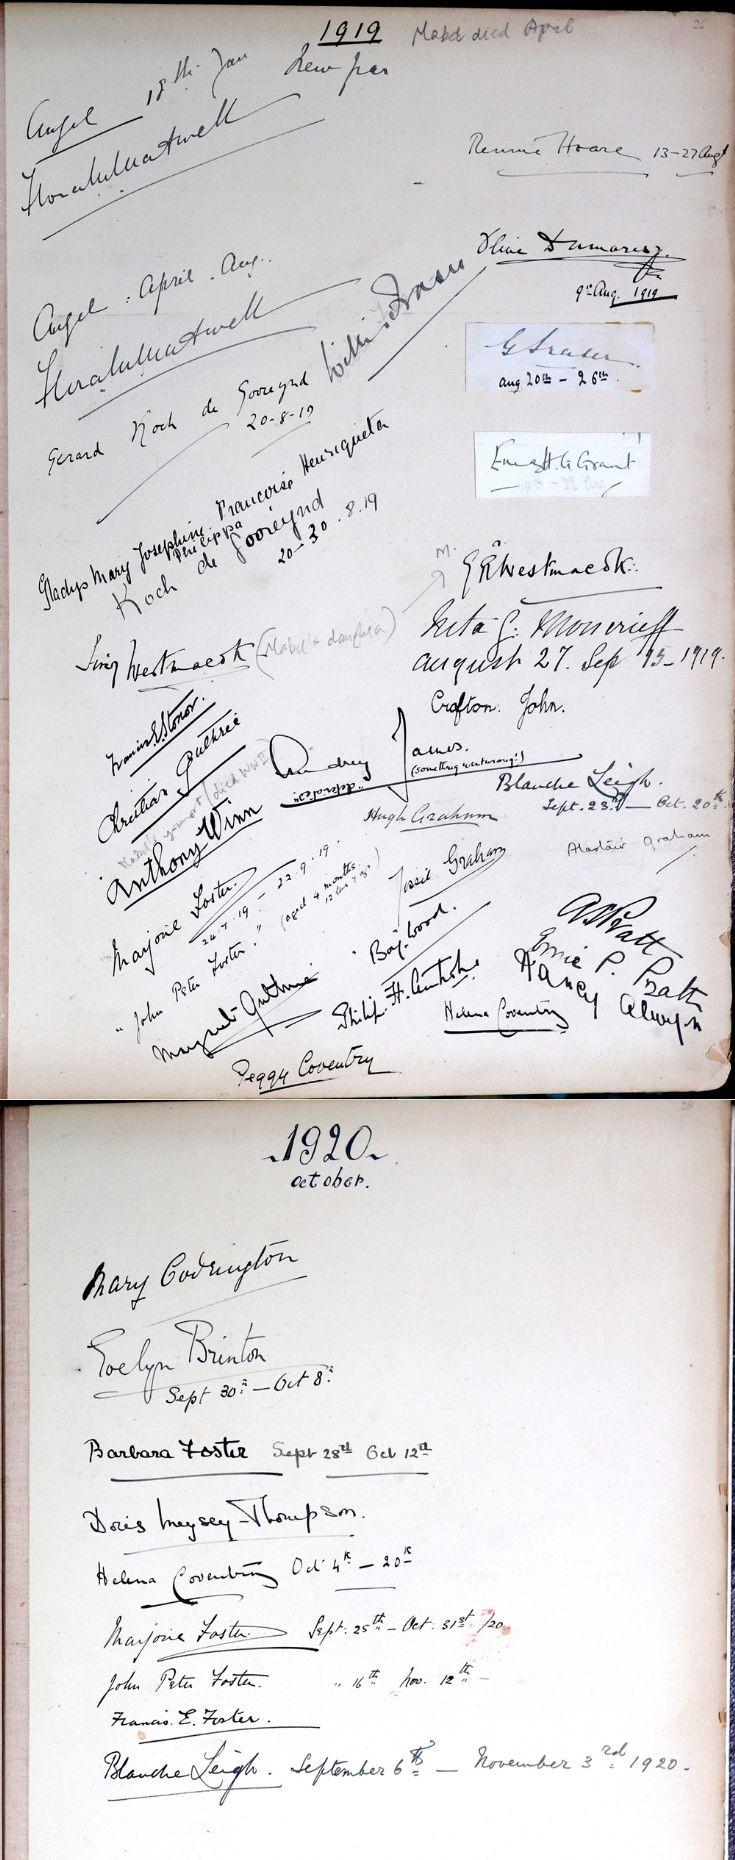 44 Castle Newe Viitors Book 1919 1820